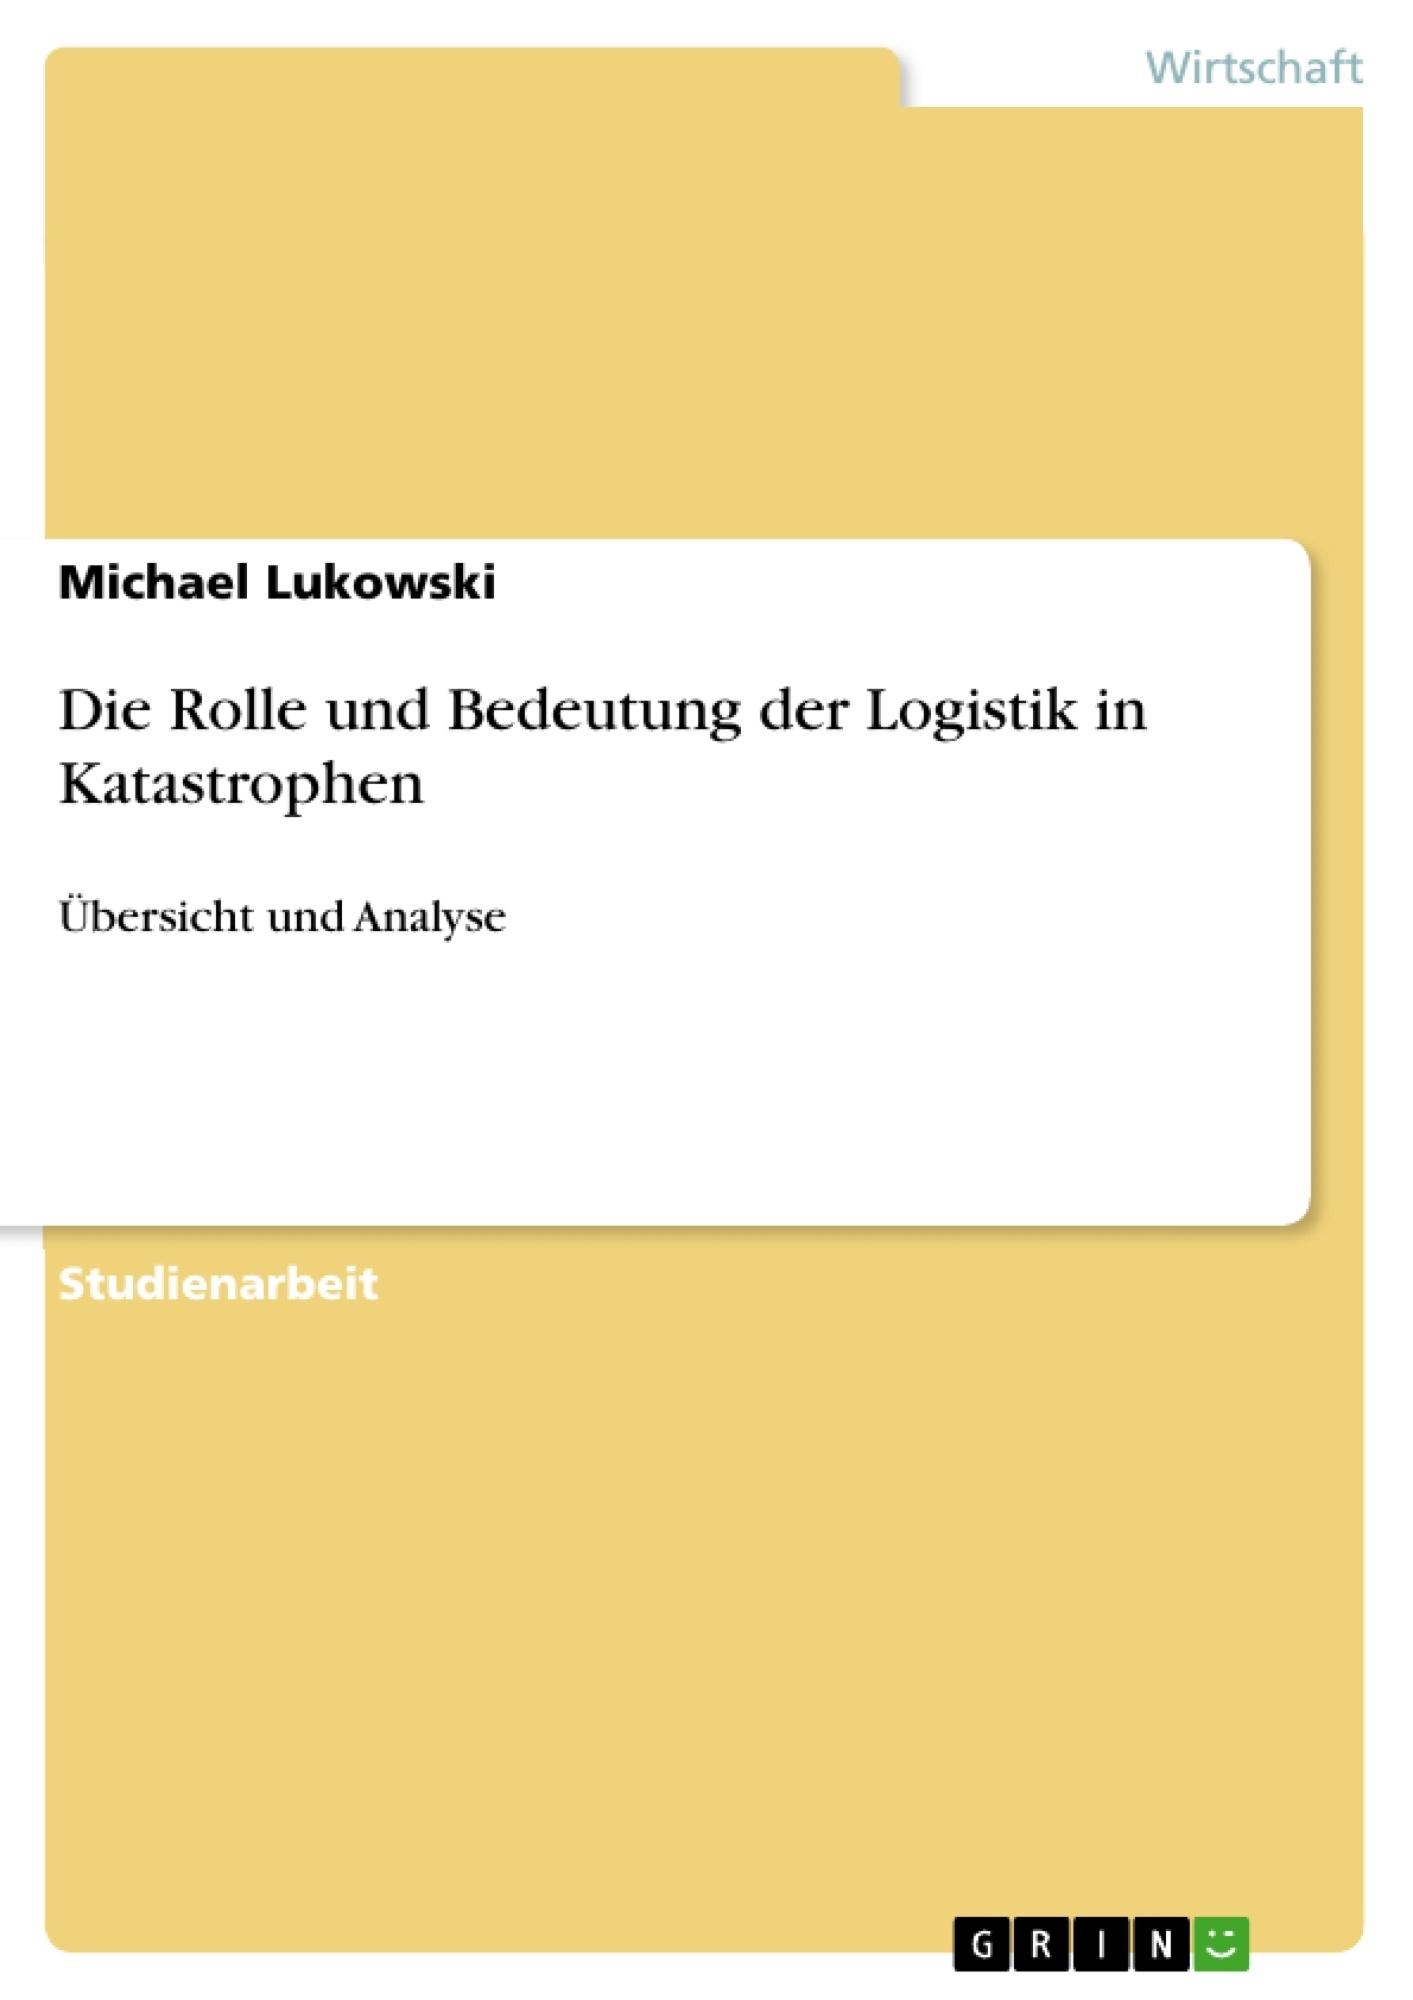 Titel: Die Rolle und Bedeutung der Logistik in Katastrophen